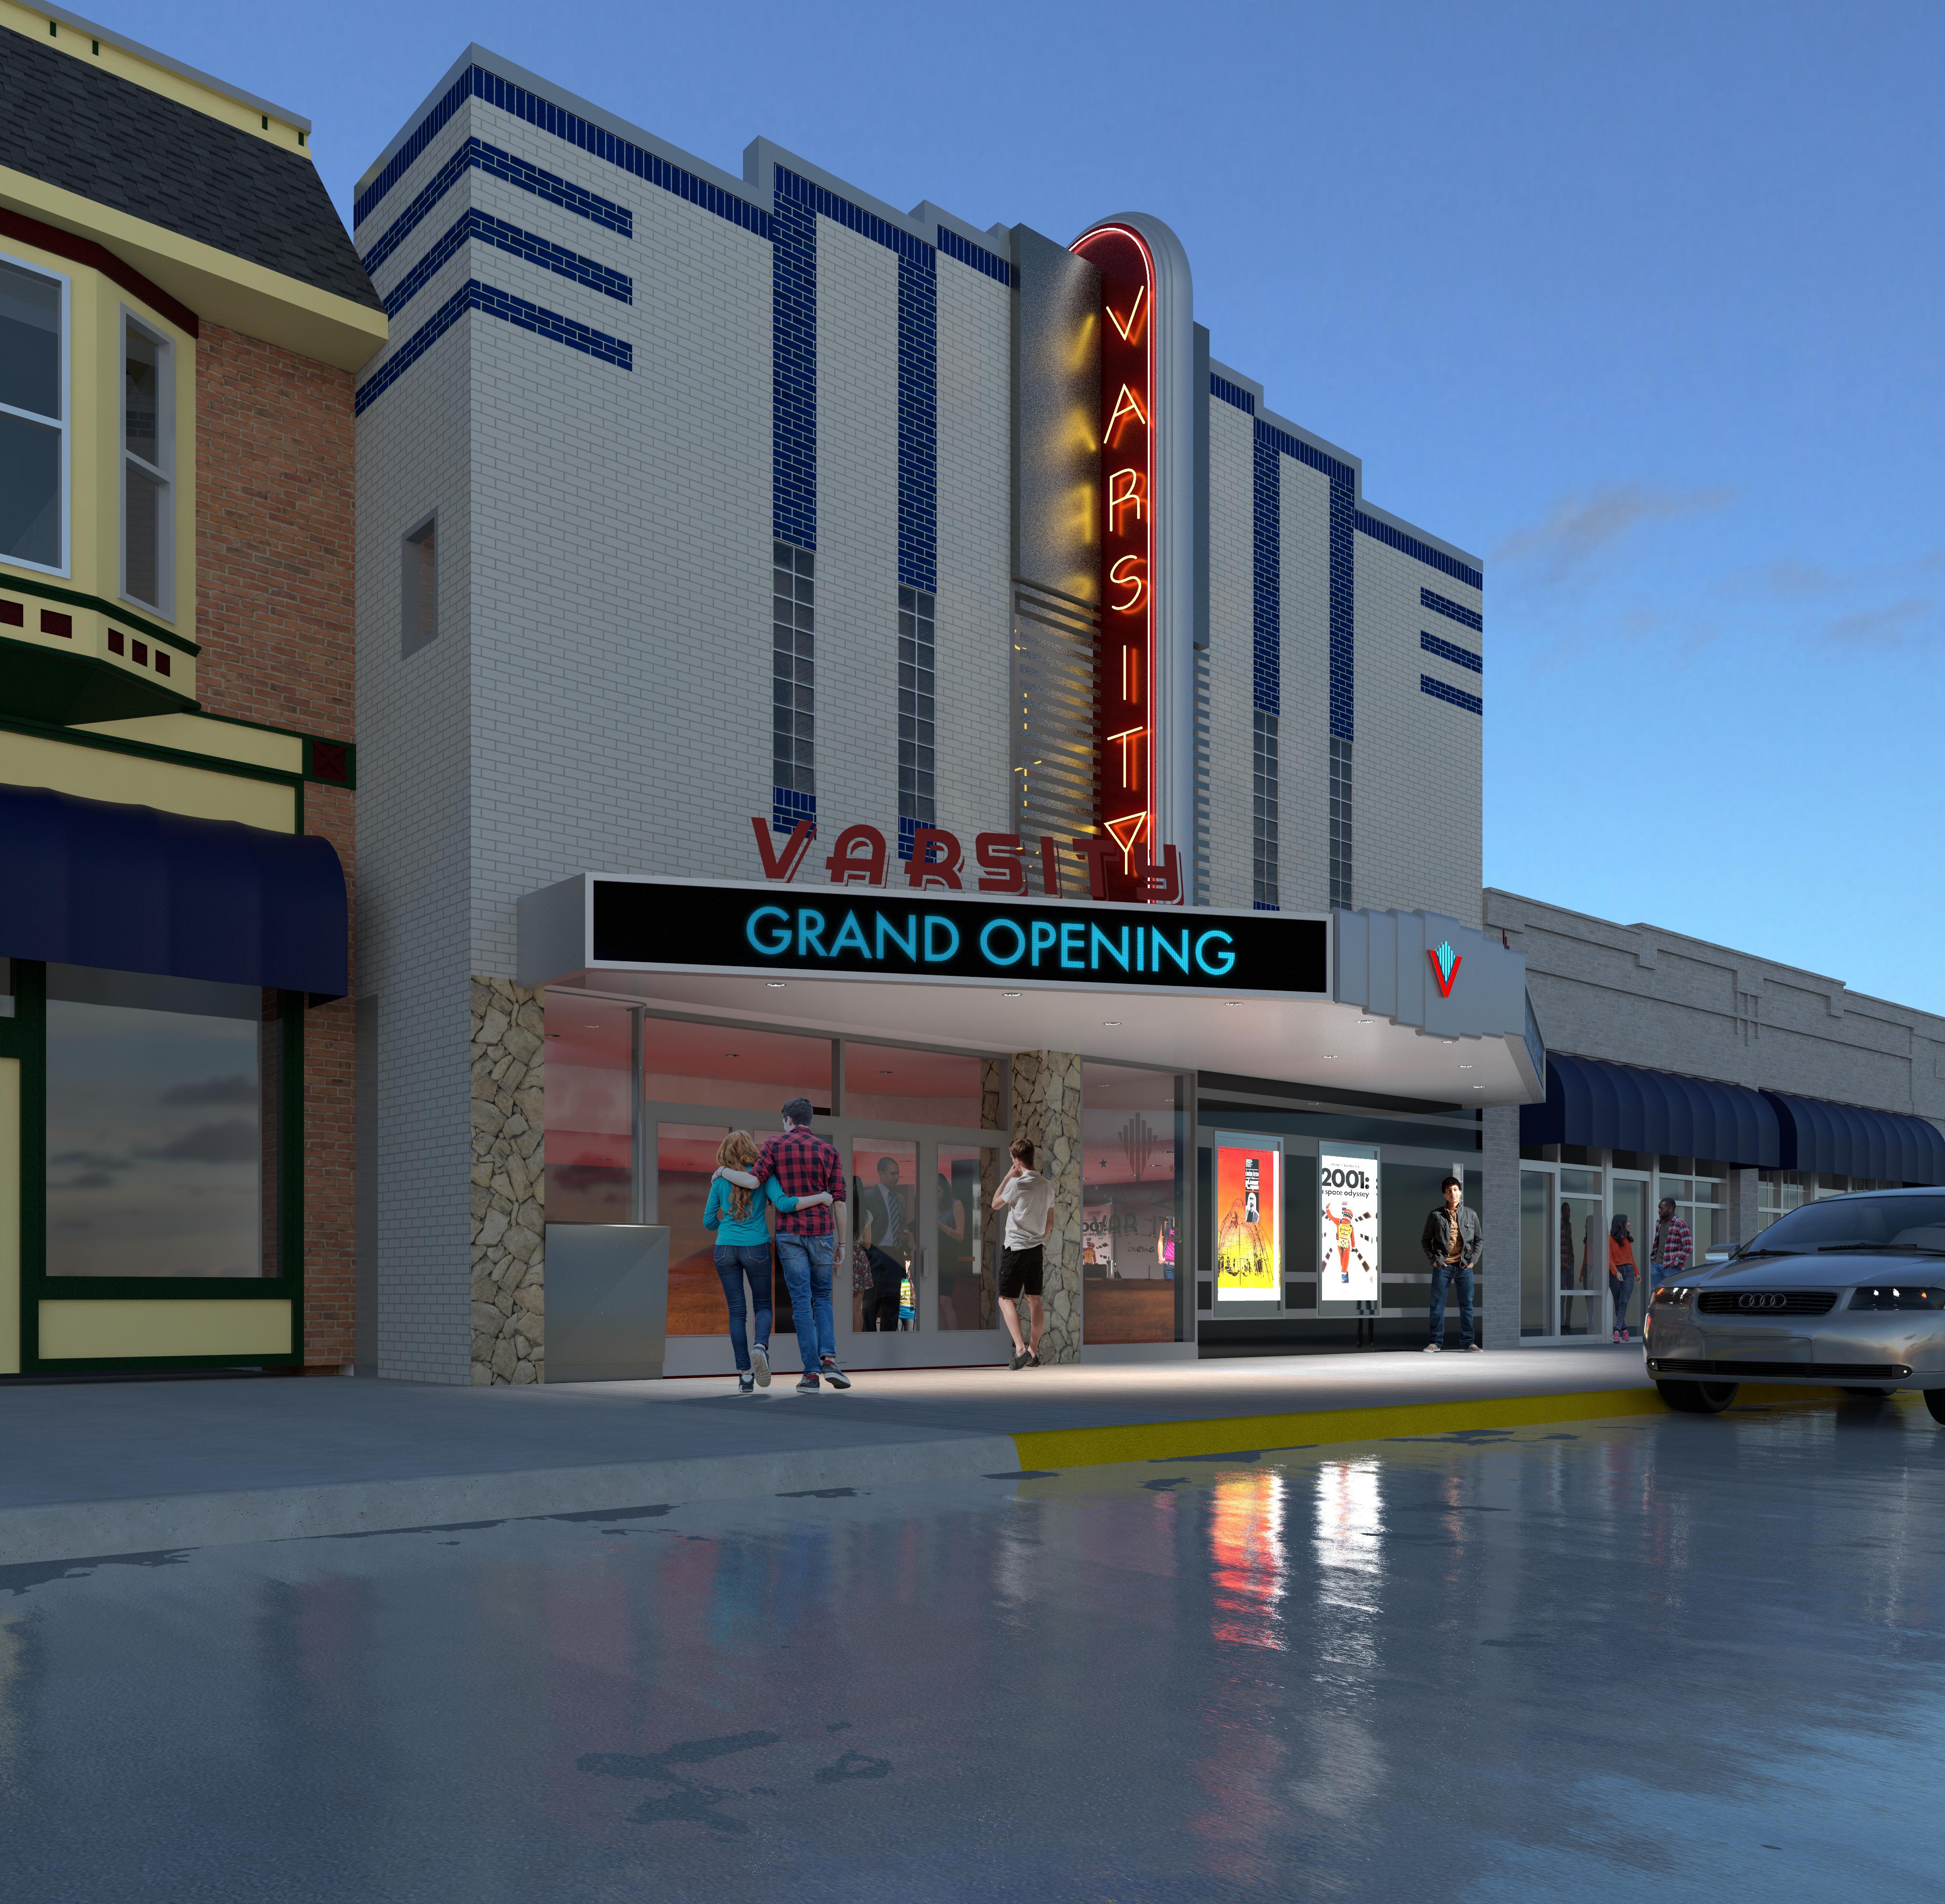 Varsity Cinema